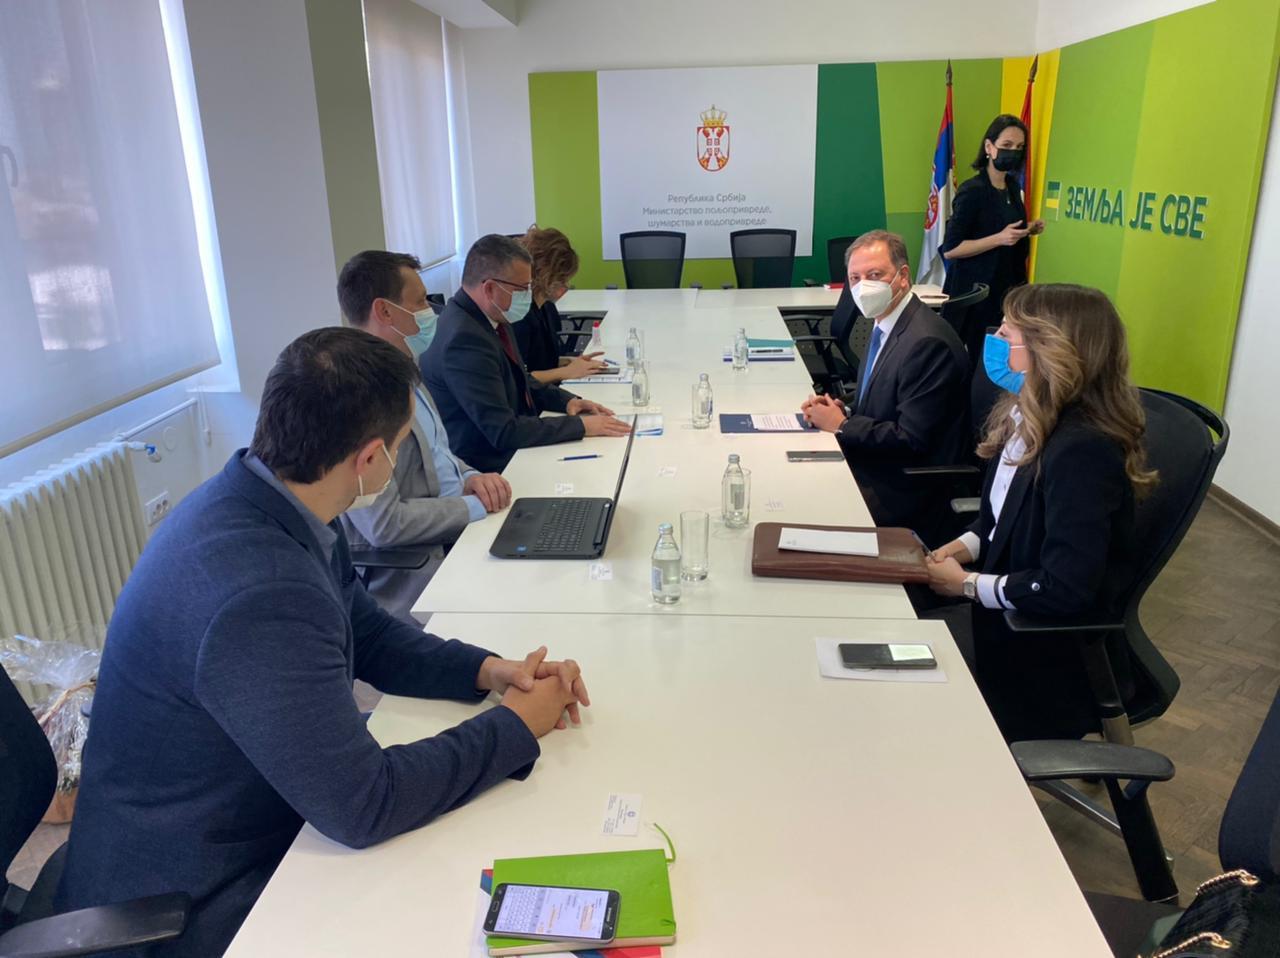 Προώθηση Ελληνικών Αγροτικών Προϊόντων Και Επενδύσεων Στη Σερβία